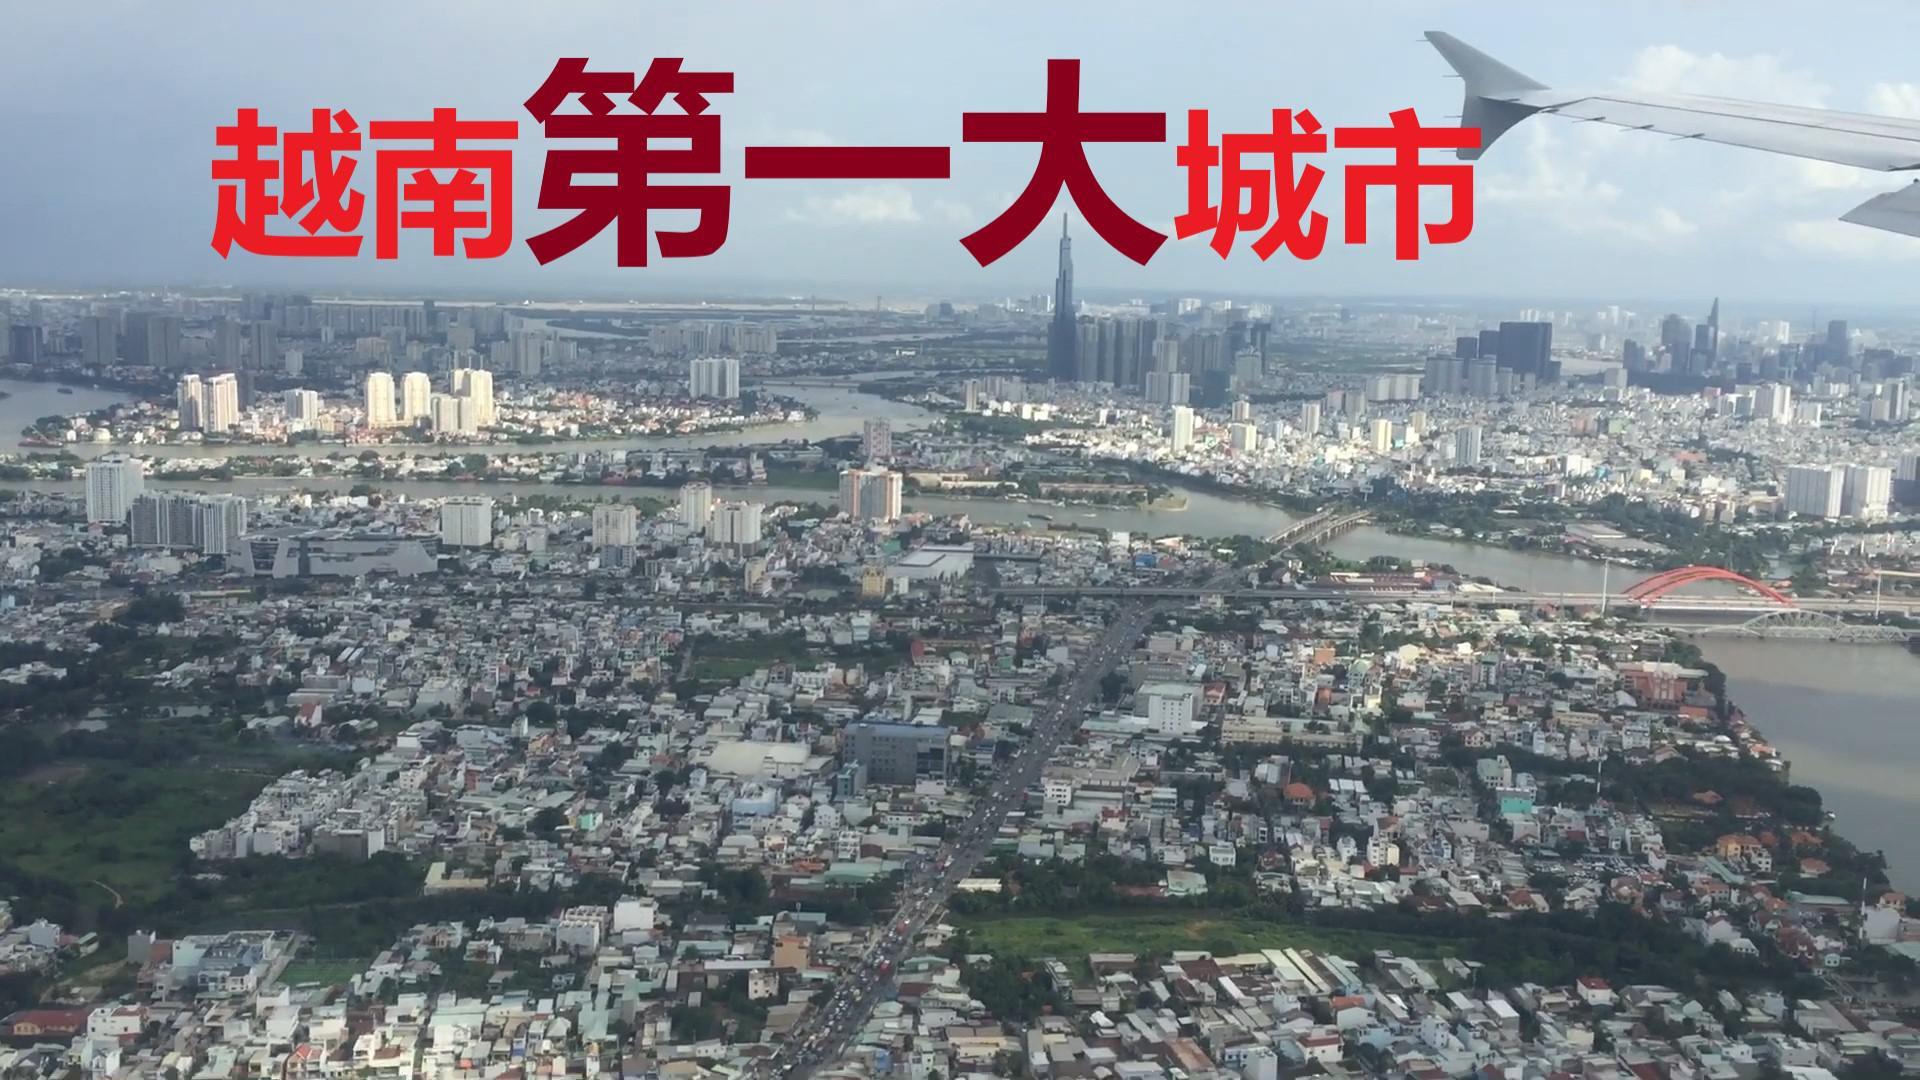 从飞机上看越南第一大城市,正奋起直追中国大城市,并不落后了